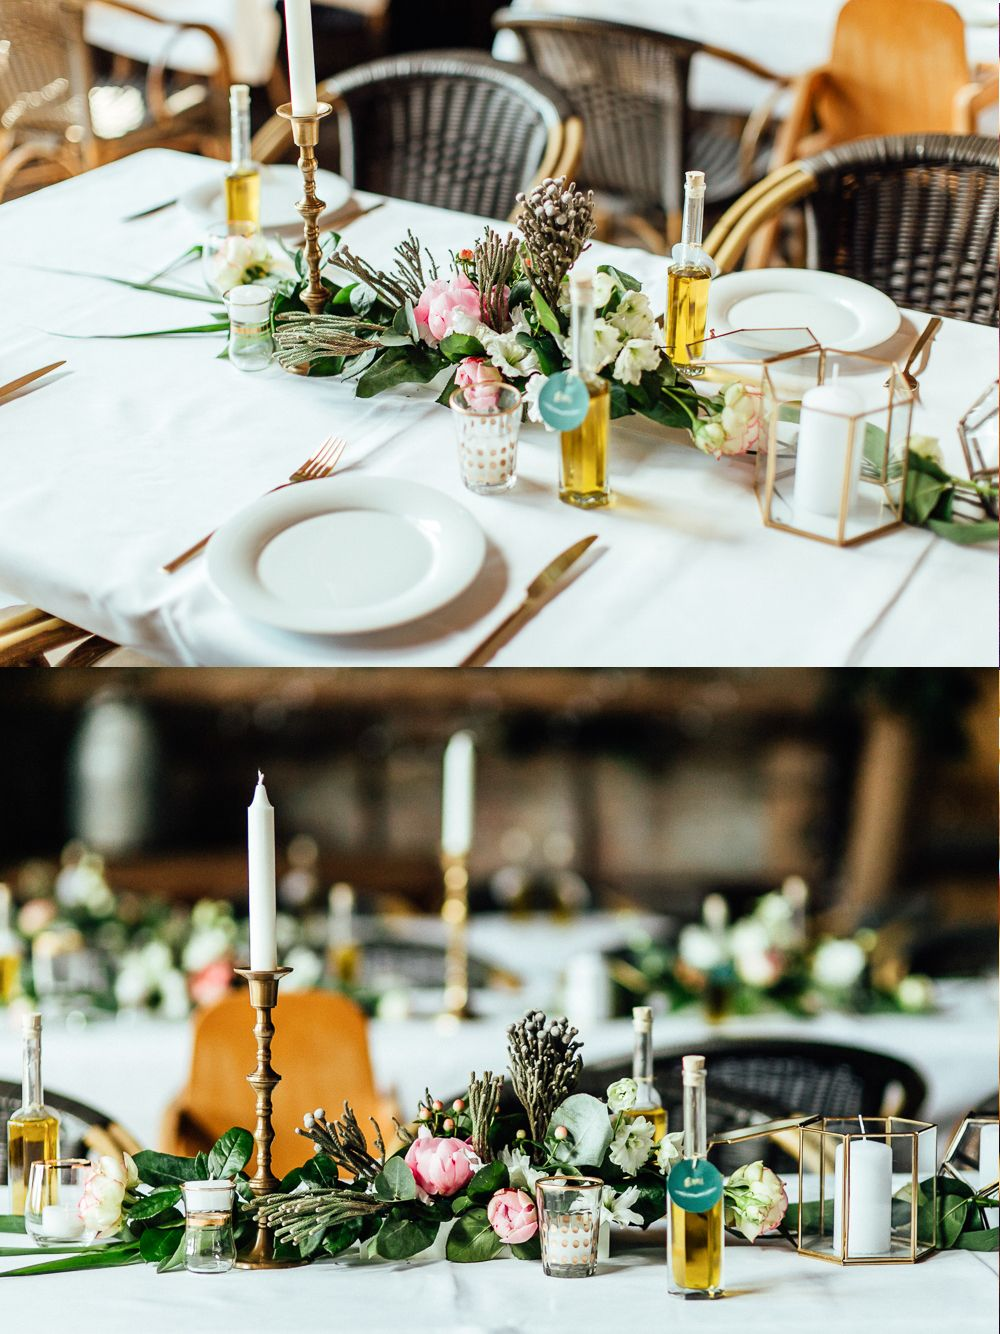 Unsere goldene hochzeitsdeko in der scheune hochzeit tischdeko hochzeit scheunen hochzeit - Brautpaar tischdeko ...